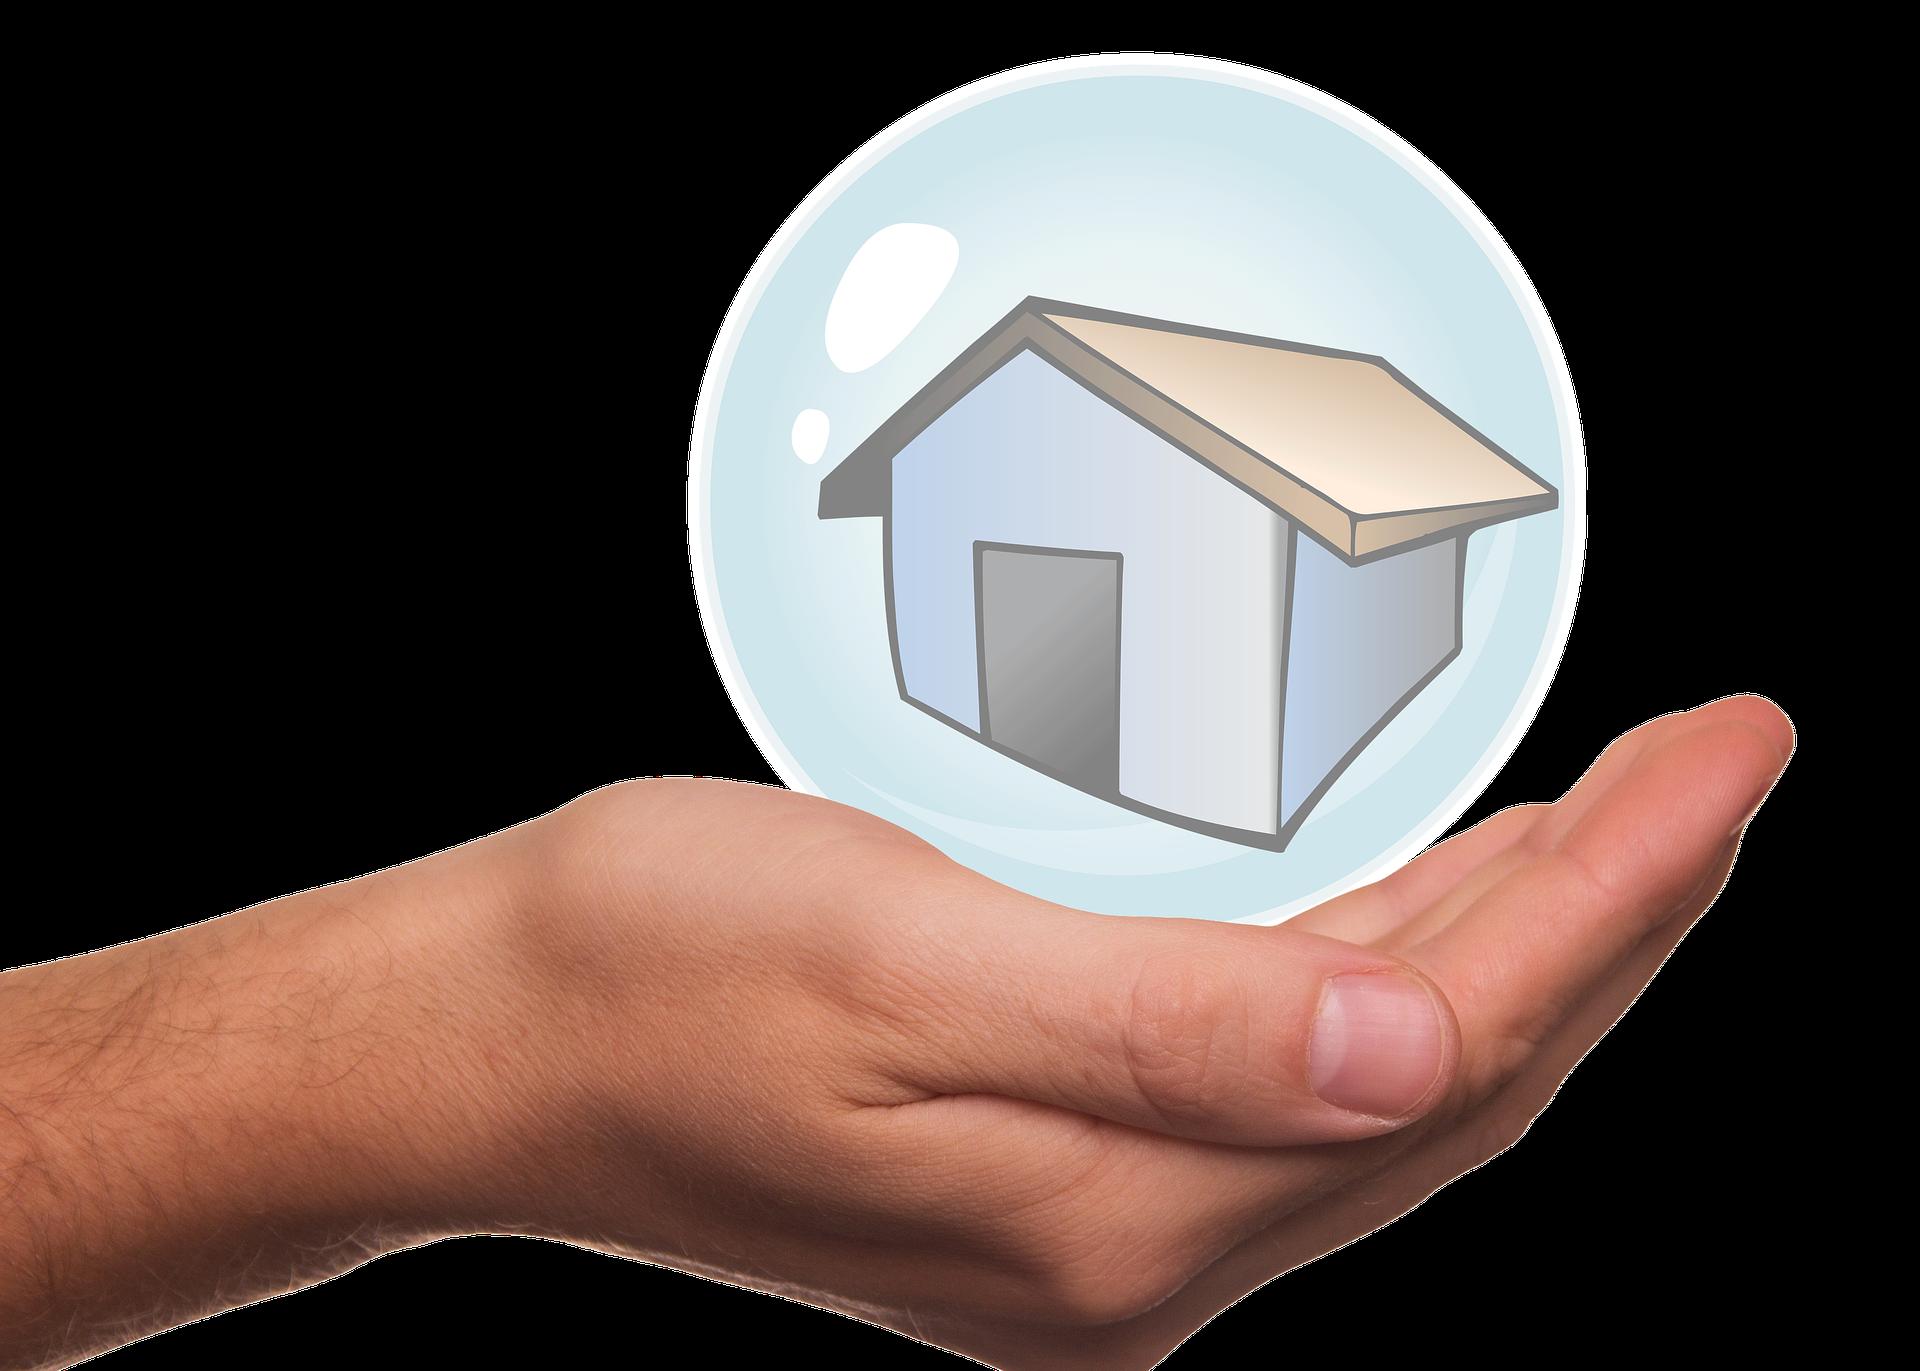 Achat immobilier: qu'est-ce que le prêt relais?